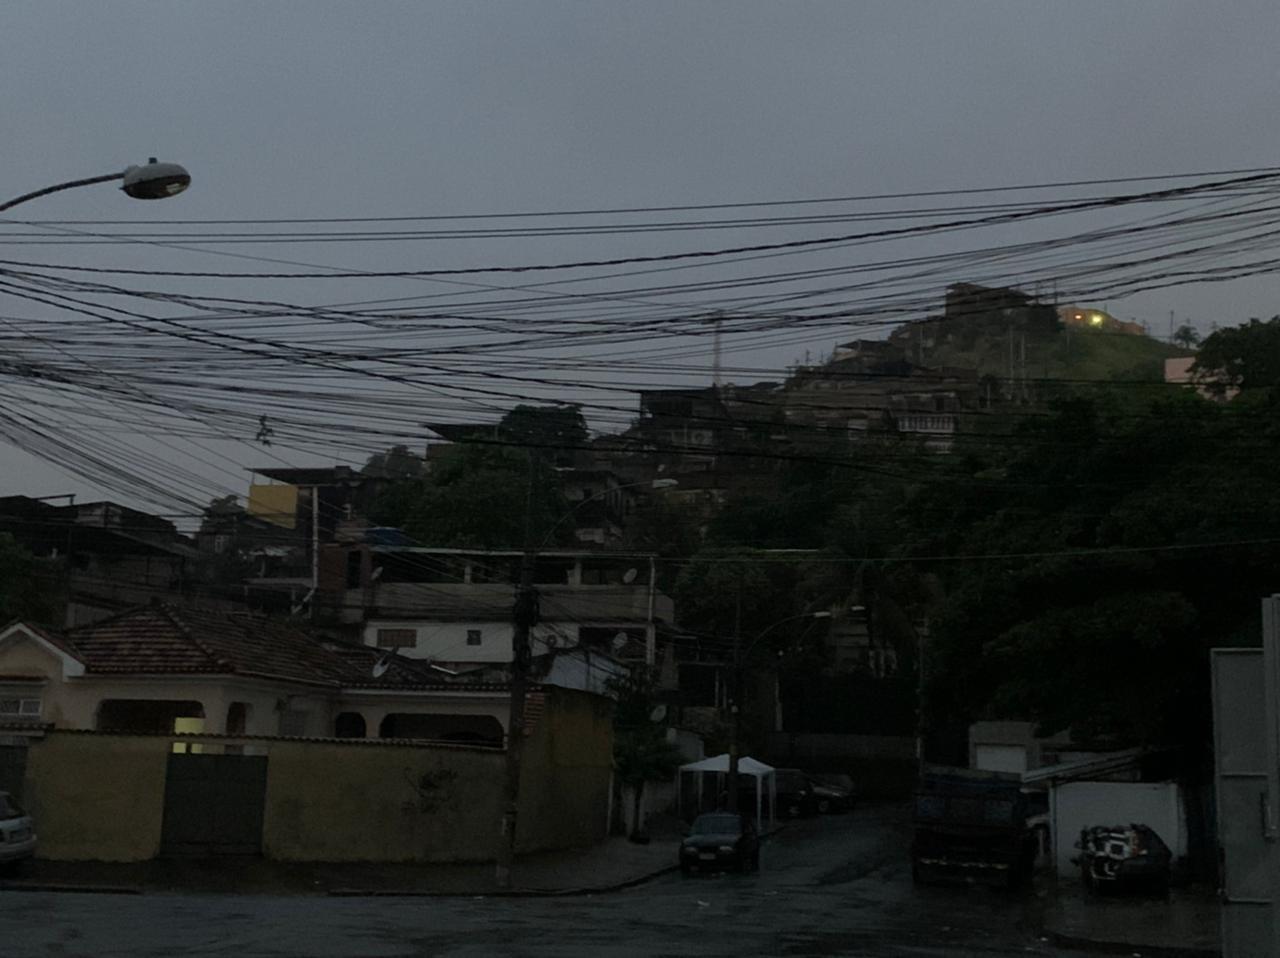 Chuva, alagamentos e falta de energia marcam a noite desta sexta em algumas favelas do Rio